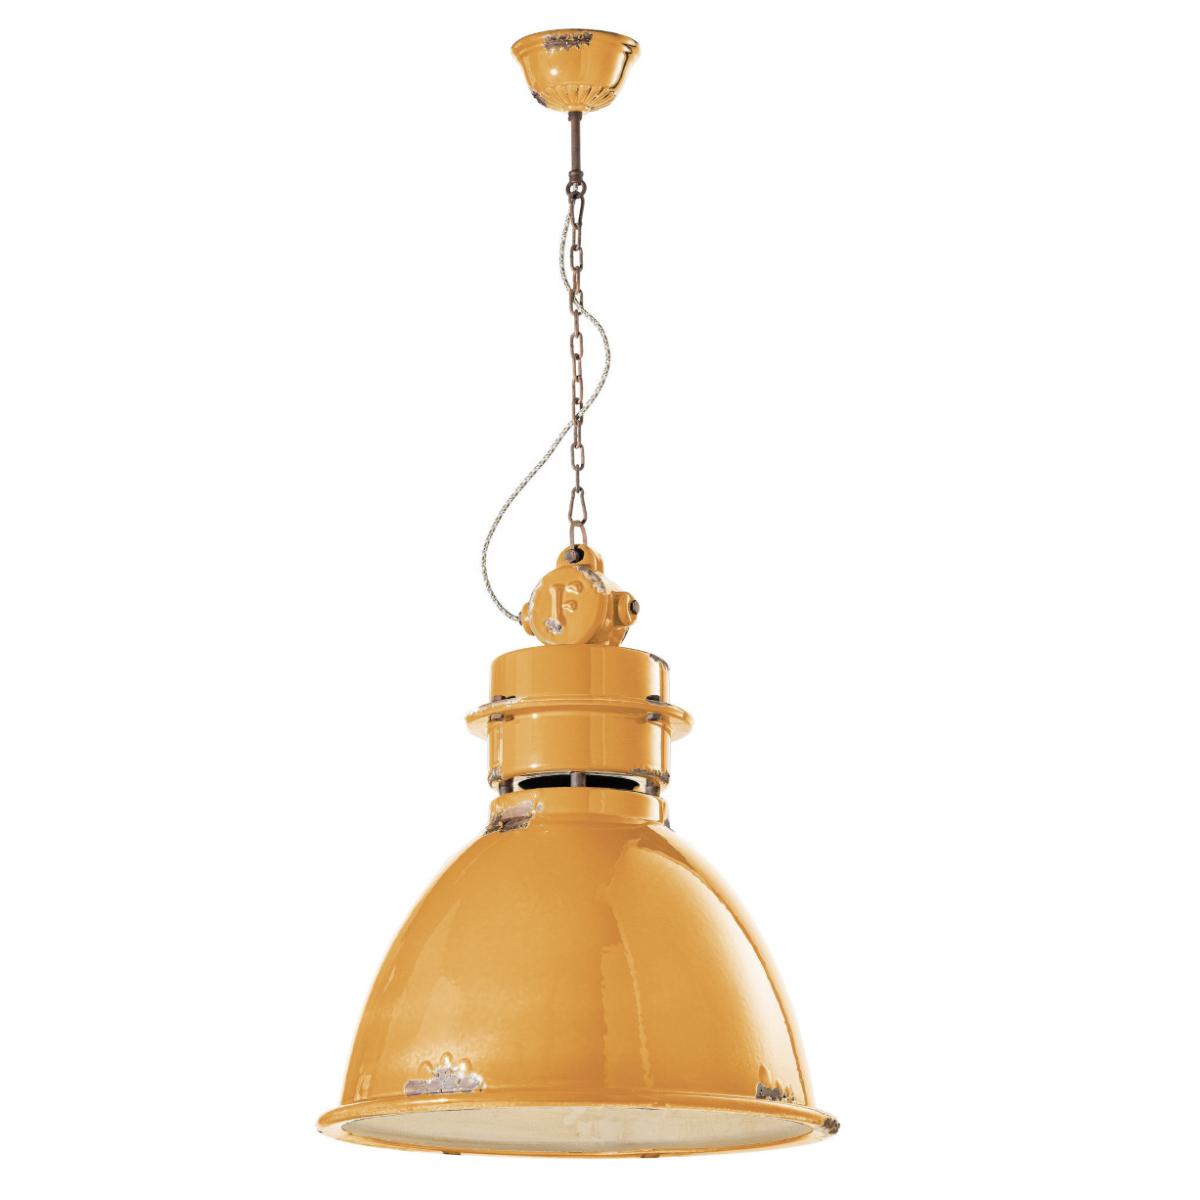 גוף תאורה בסגנון אורבני – בצבע צהוב C-1750